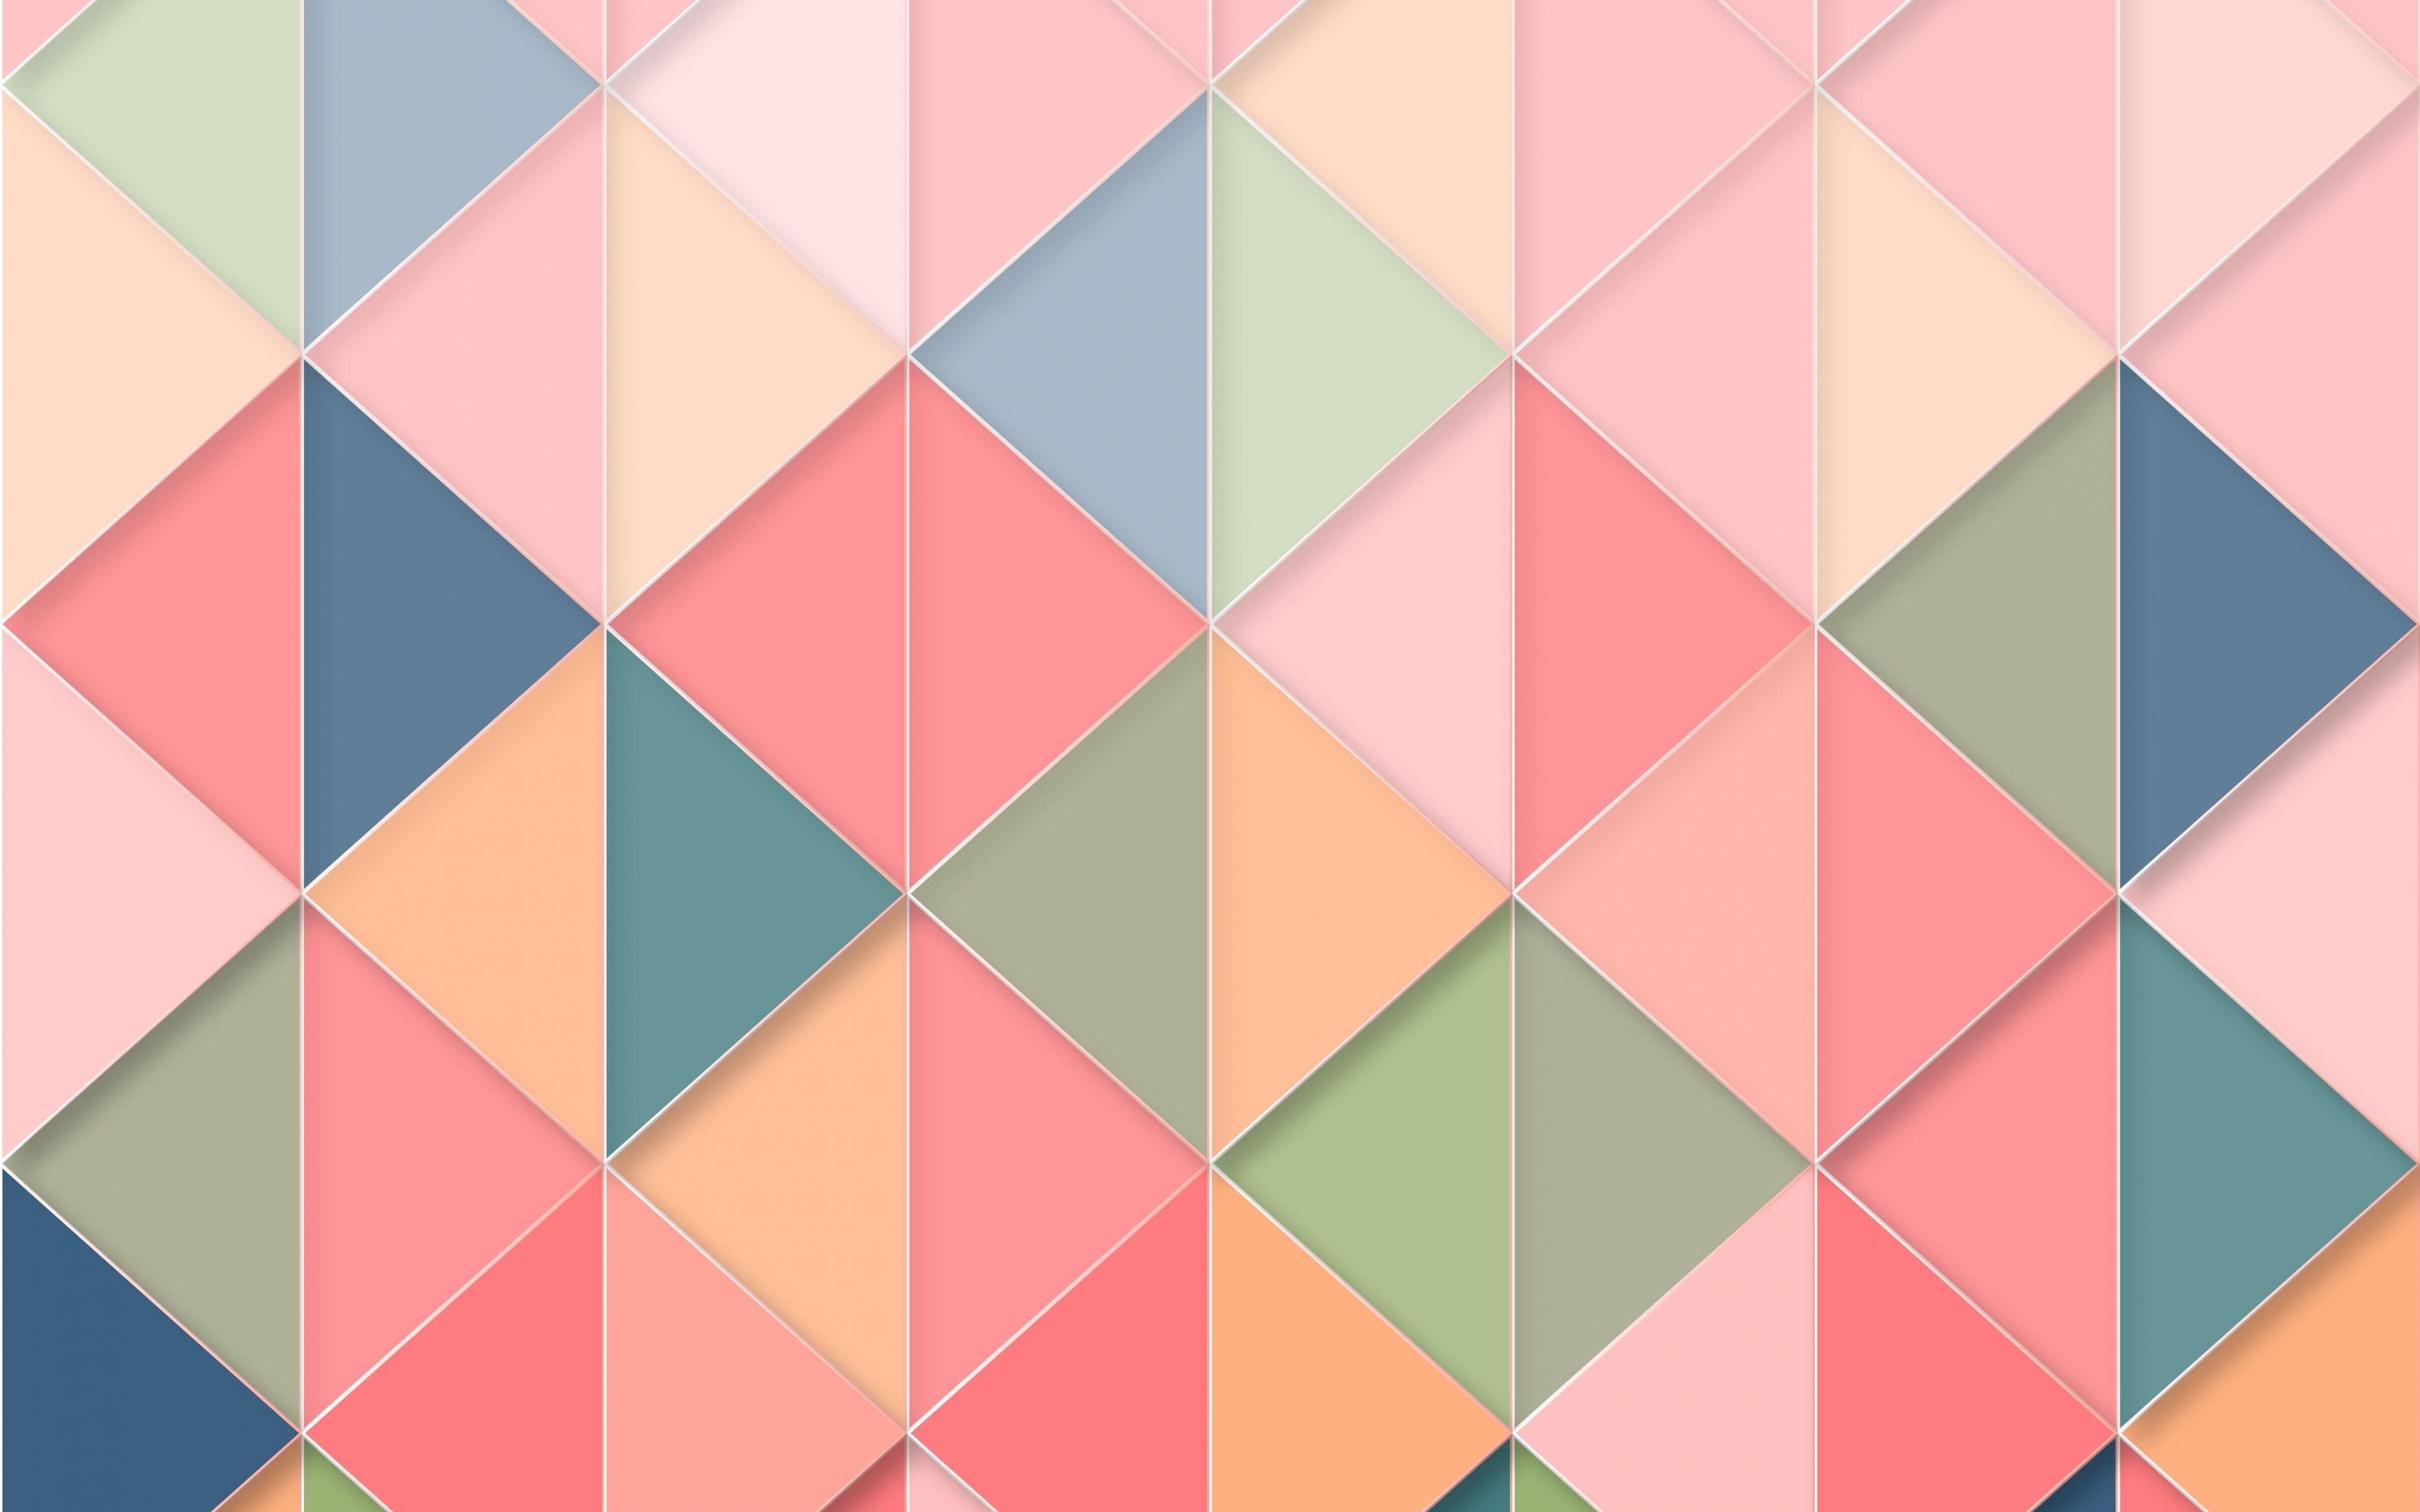 Abstract Pattern Wallpaper 4k Allwallpaper Abstract Wallpaper Design Abstract Pattern Wallpaper